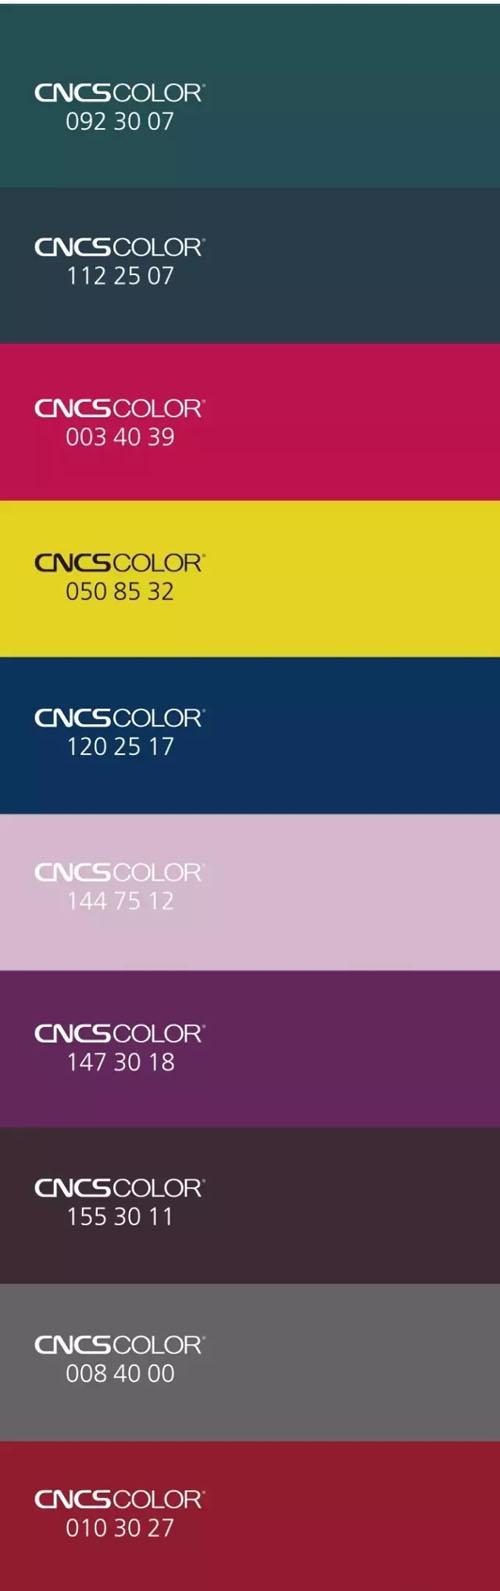 紫罗兰颜色搭配效果图